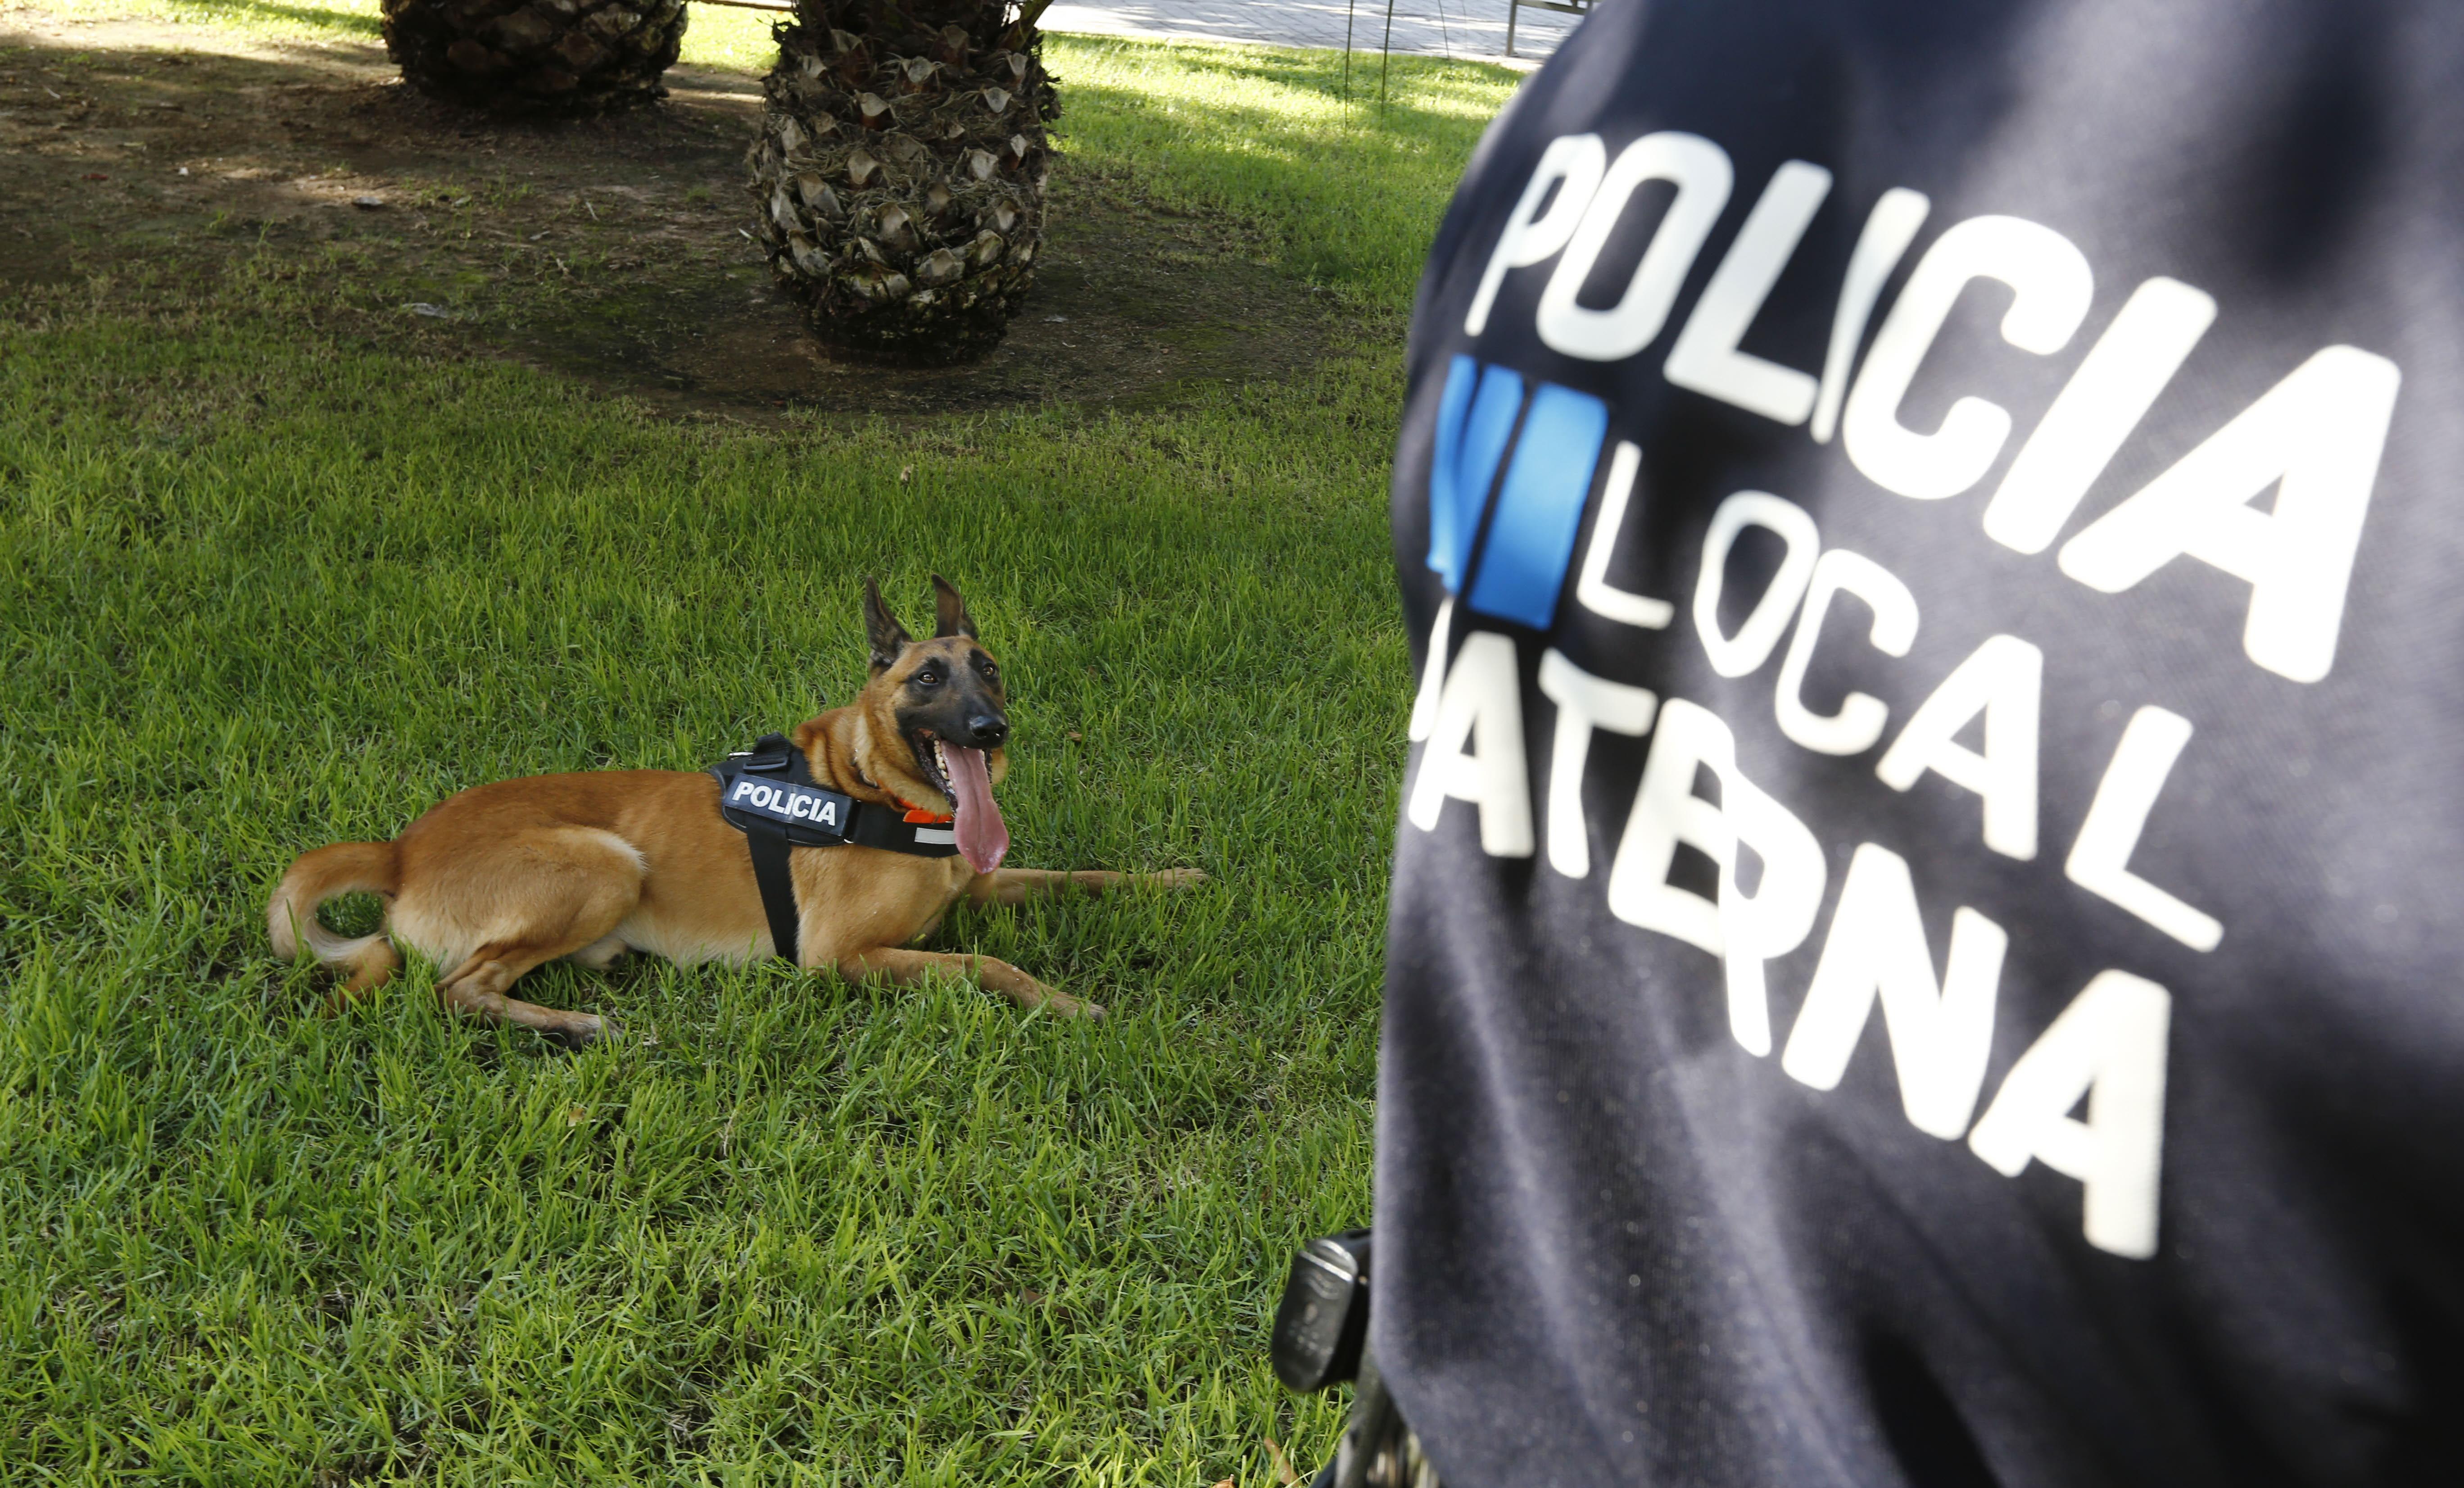 El policía con más olfato | Almas con patas - Blogs lasprovincias.es